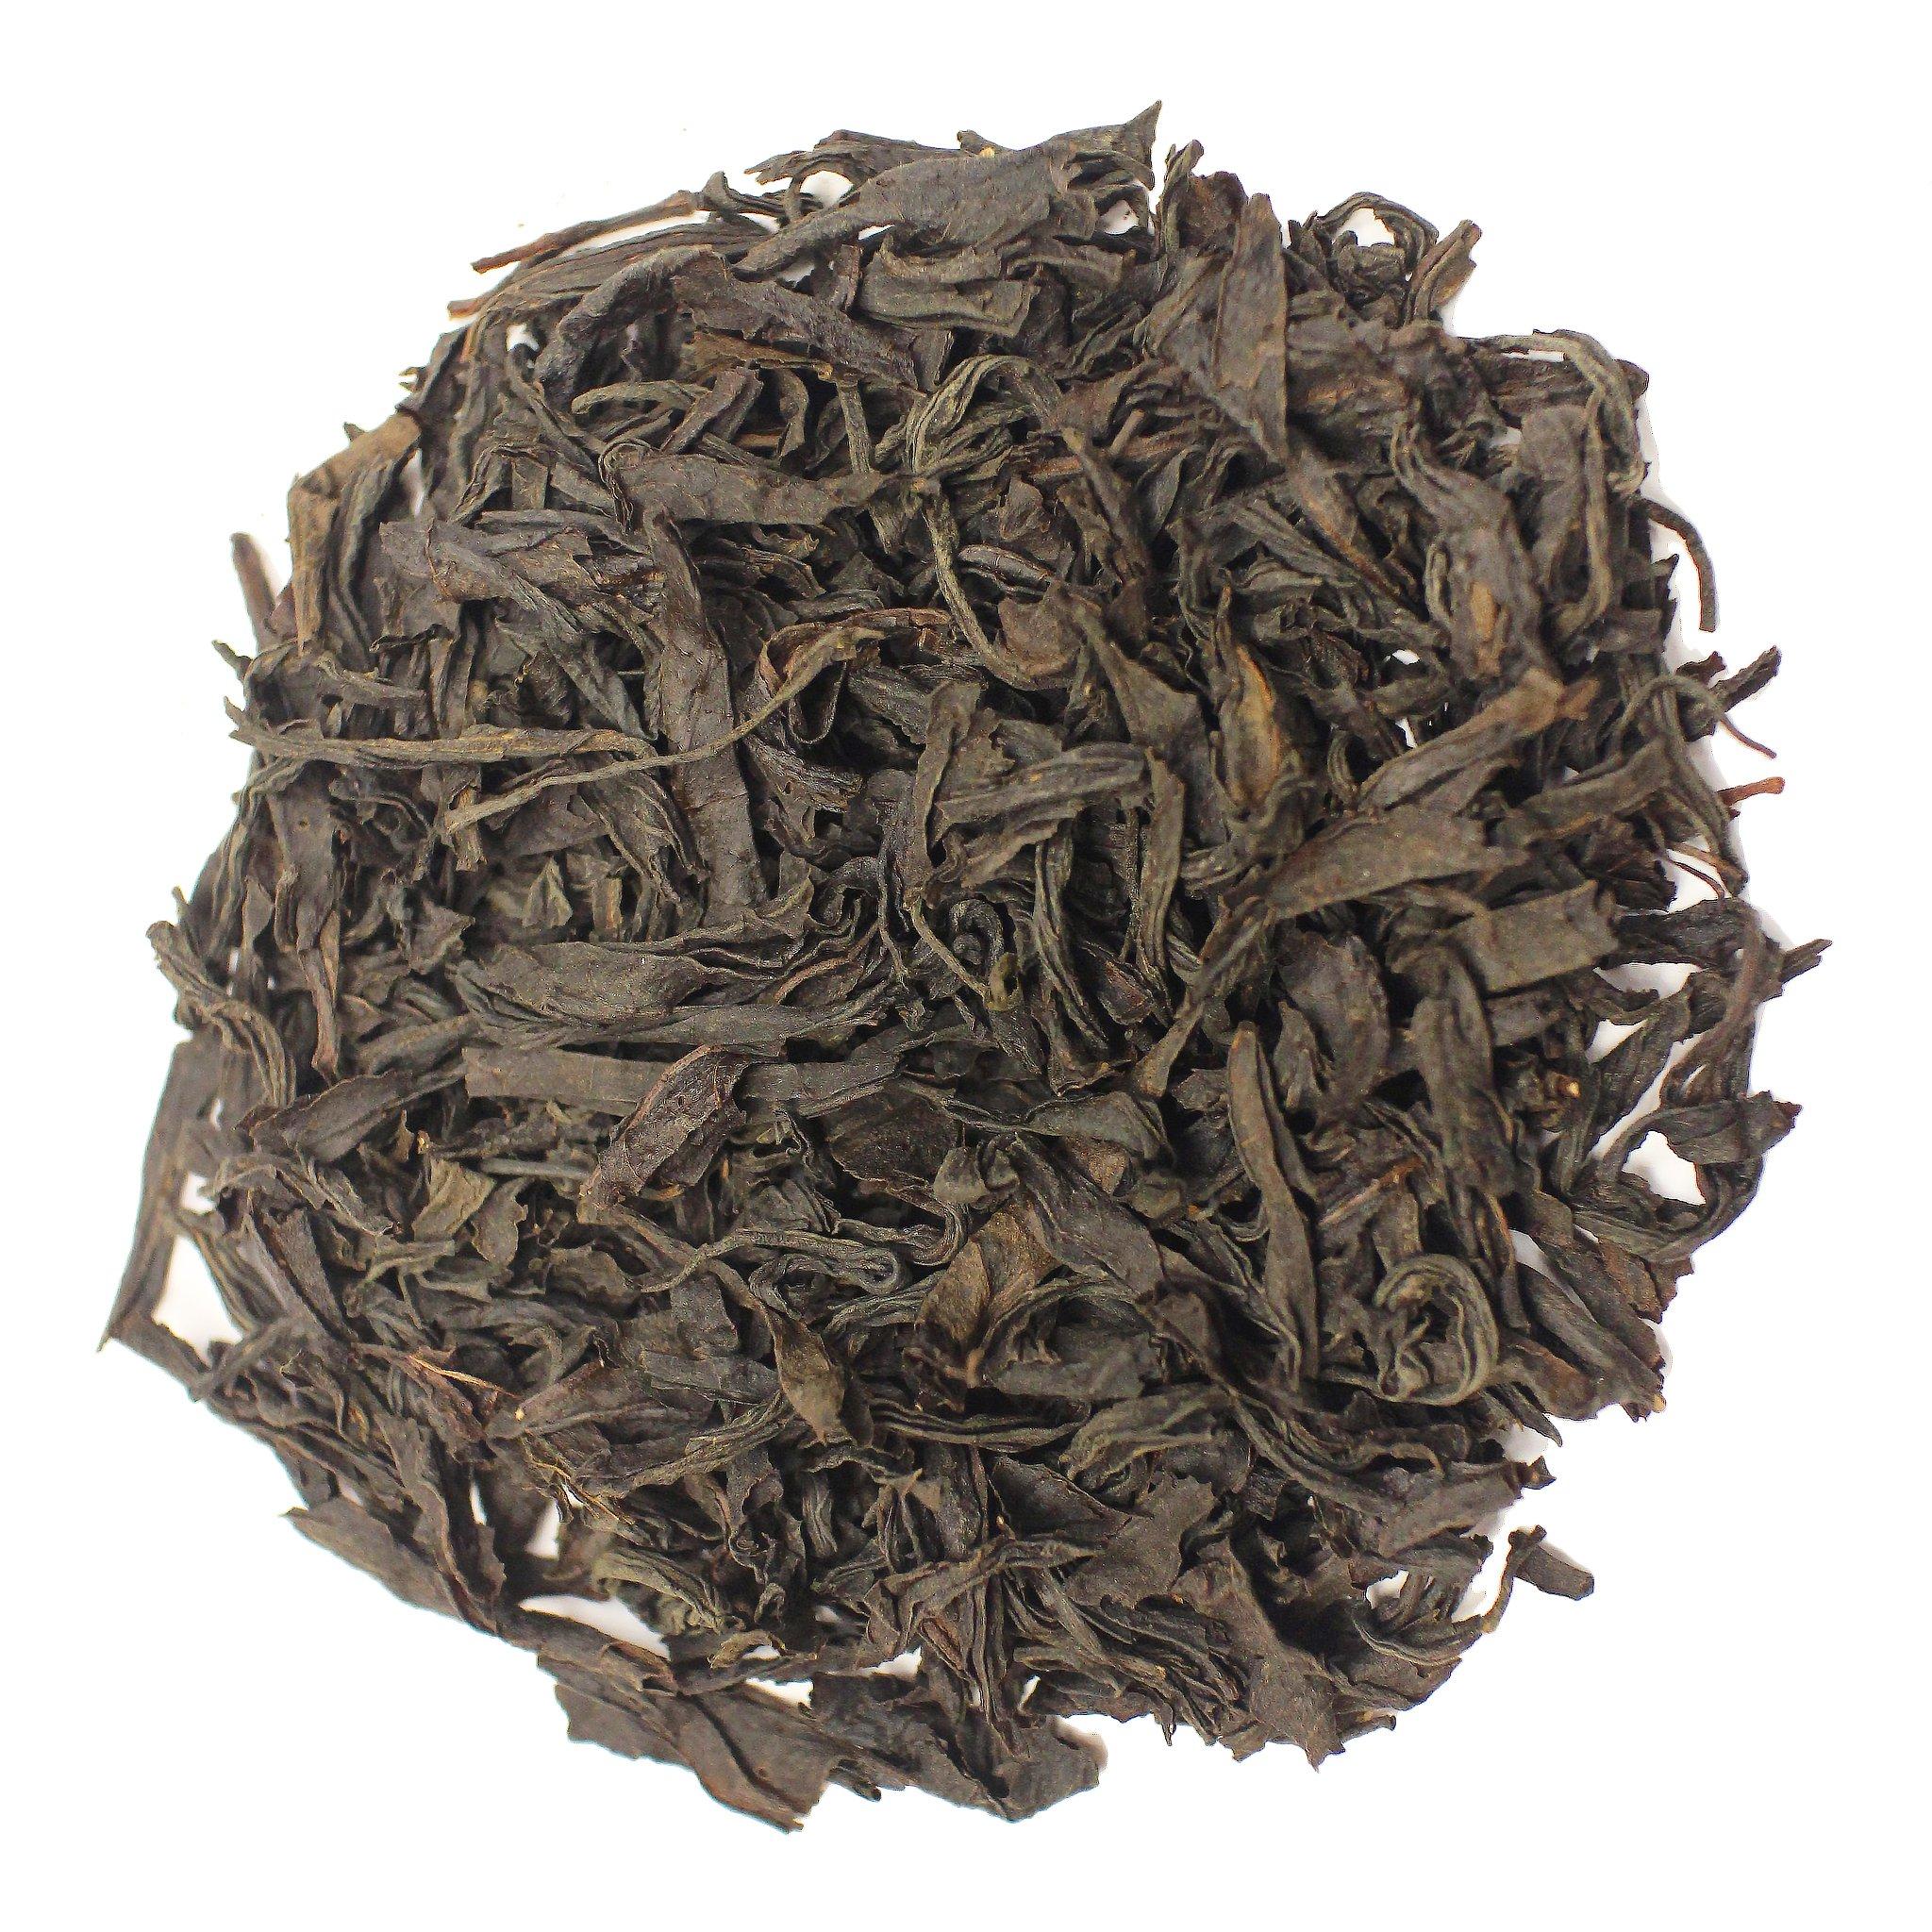 The Tea Farm - Shui Xian Oolong Tea - Chinese Loose Leaf Oolong Tea (16 Ounce Bag) by The Tea Farm